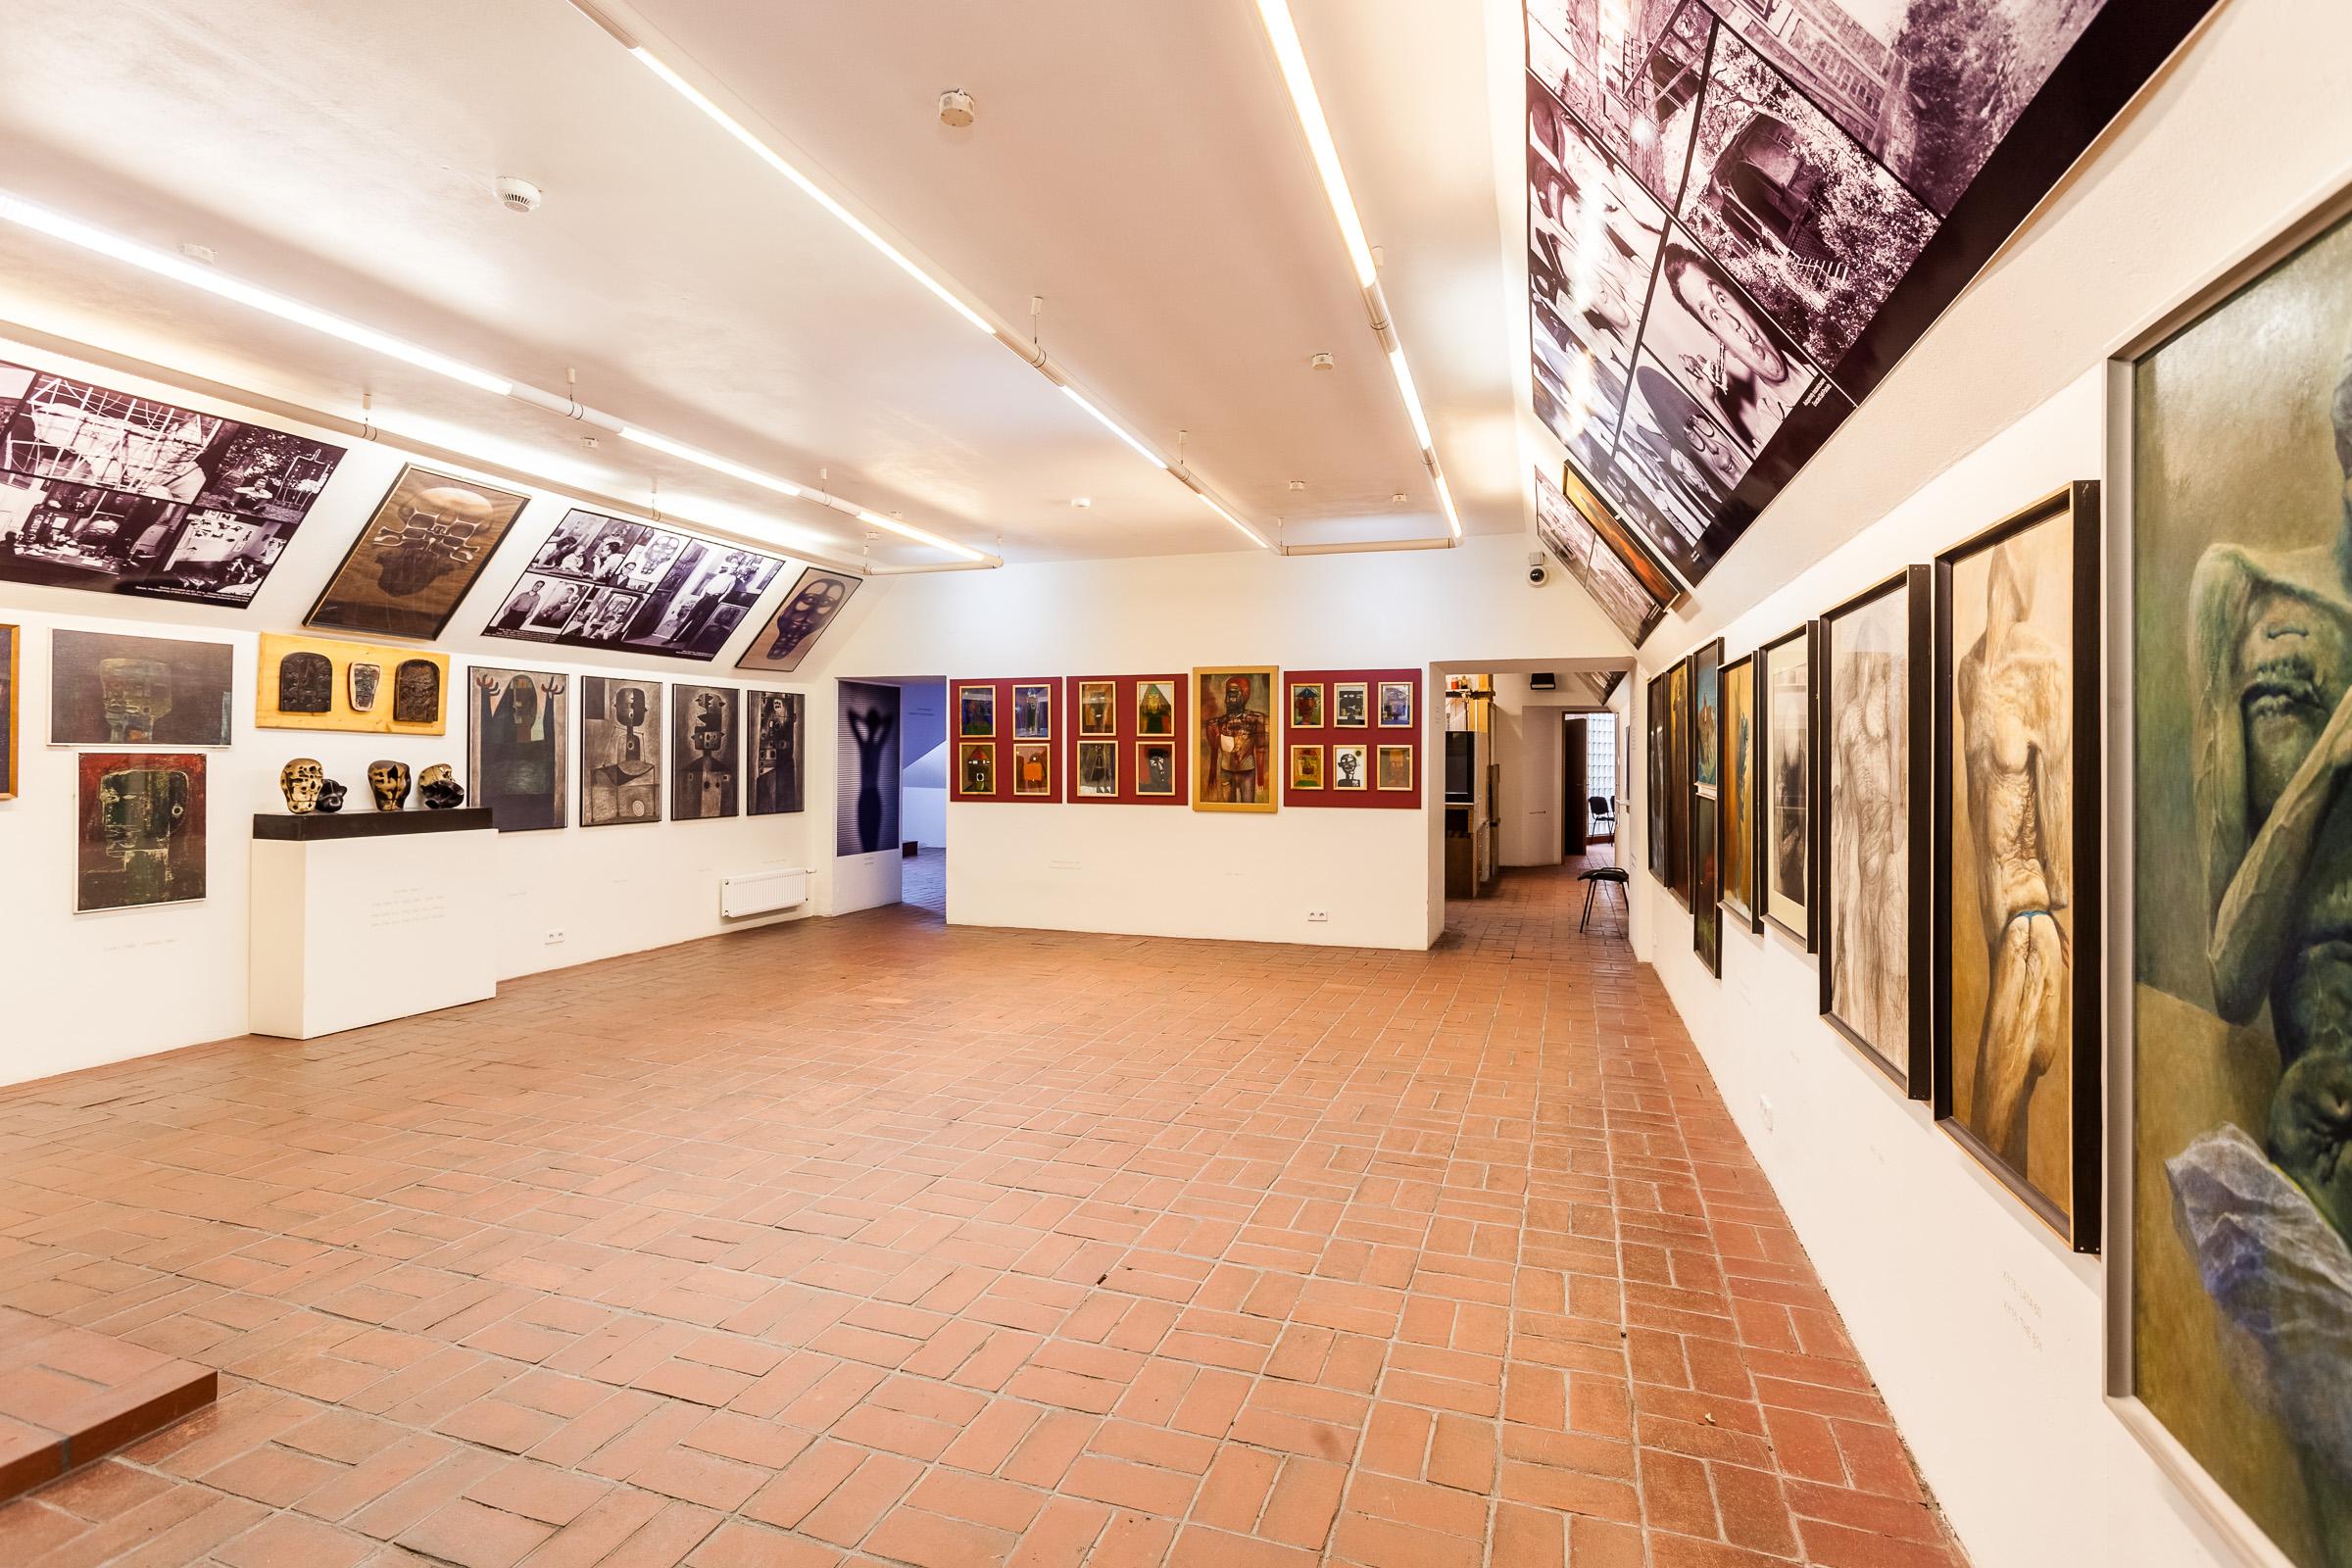 Muzeum Historyczne w Sanoku. Wystawa prac malarskich. Autor Zdzislaw Beksinski. Fot. Michal Bosek